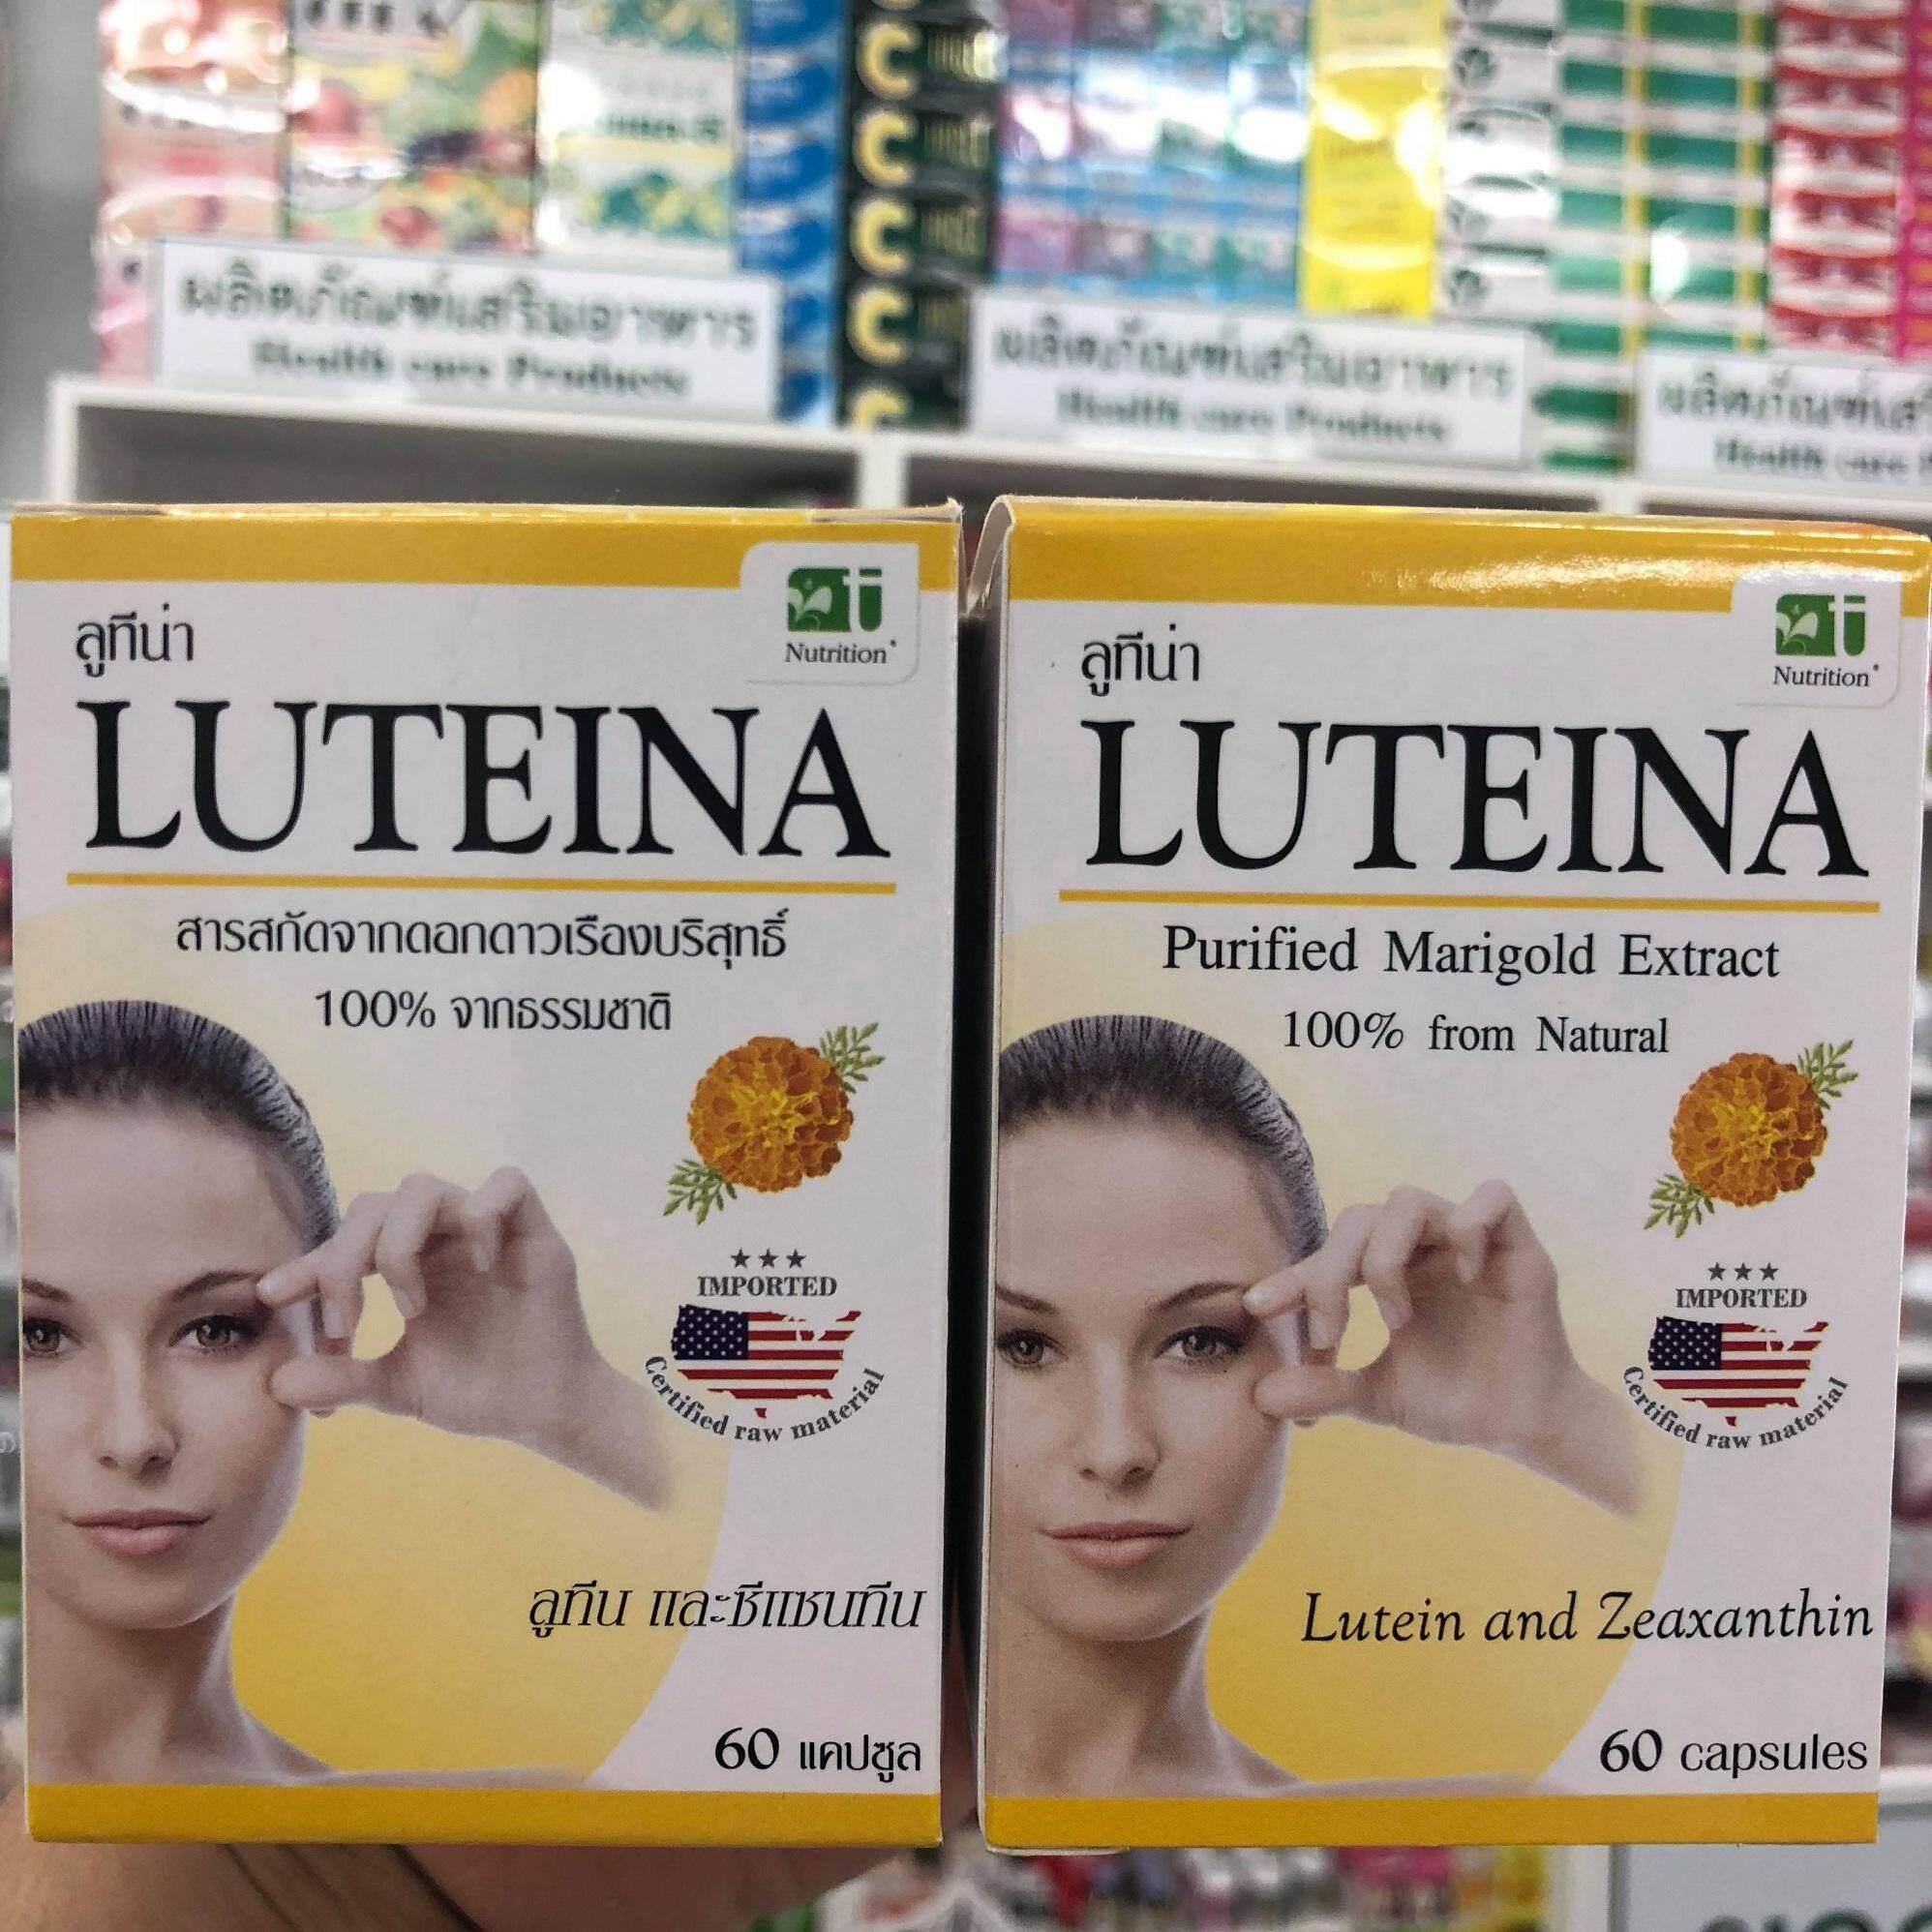 บำรุงสายตา 60แคปซูล แพ็ค 2ขวด Luteina T-Man ส่งฟรี Lutein + Zeaxanthin ของแท้รับประกัน.